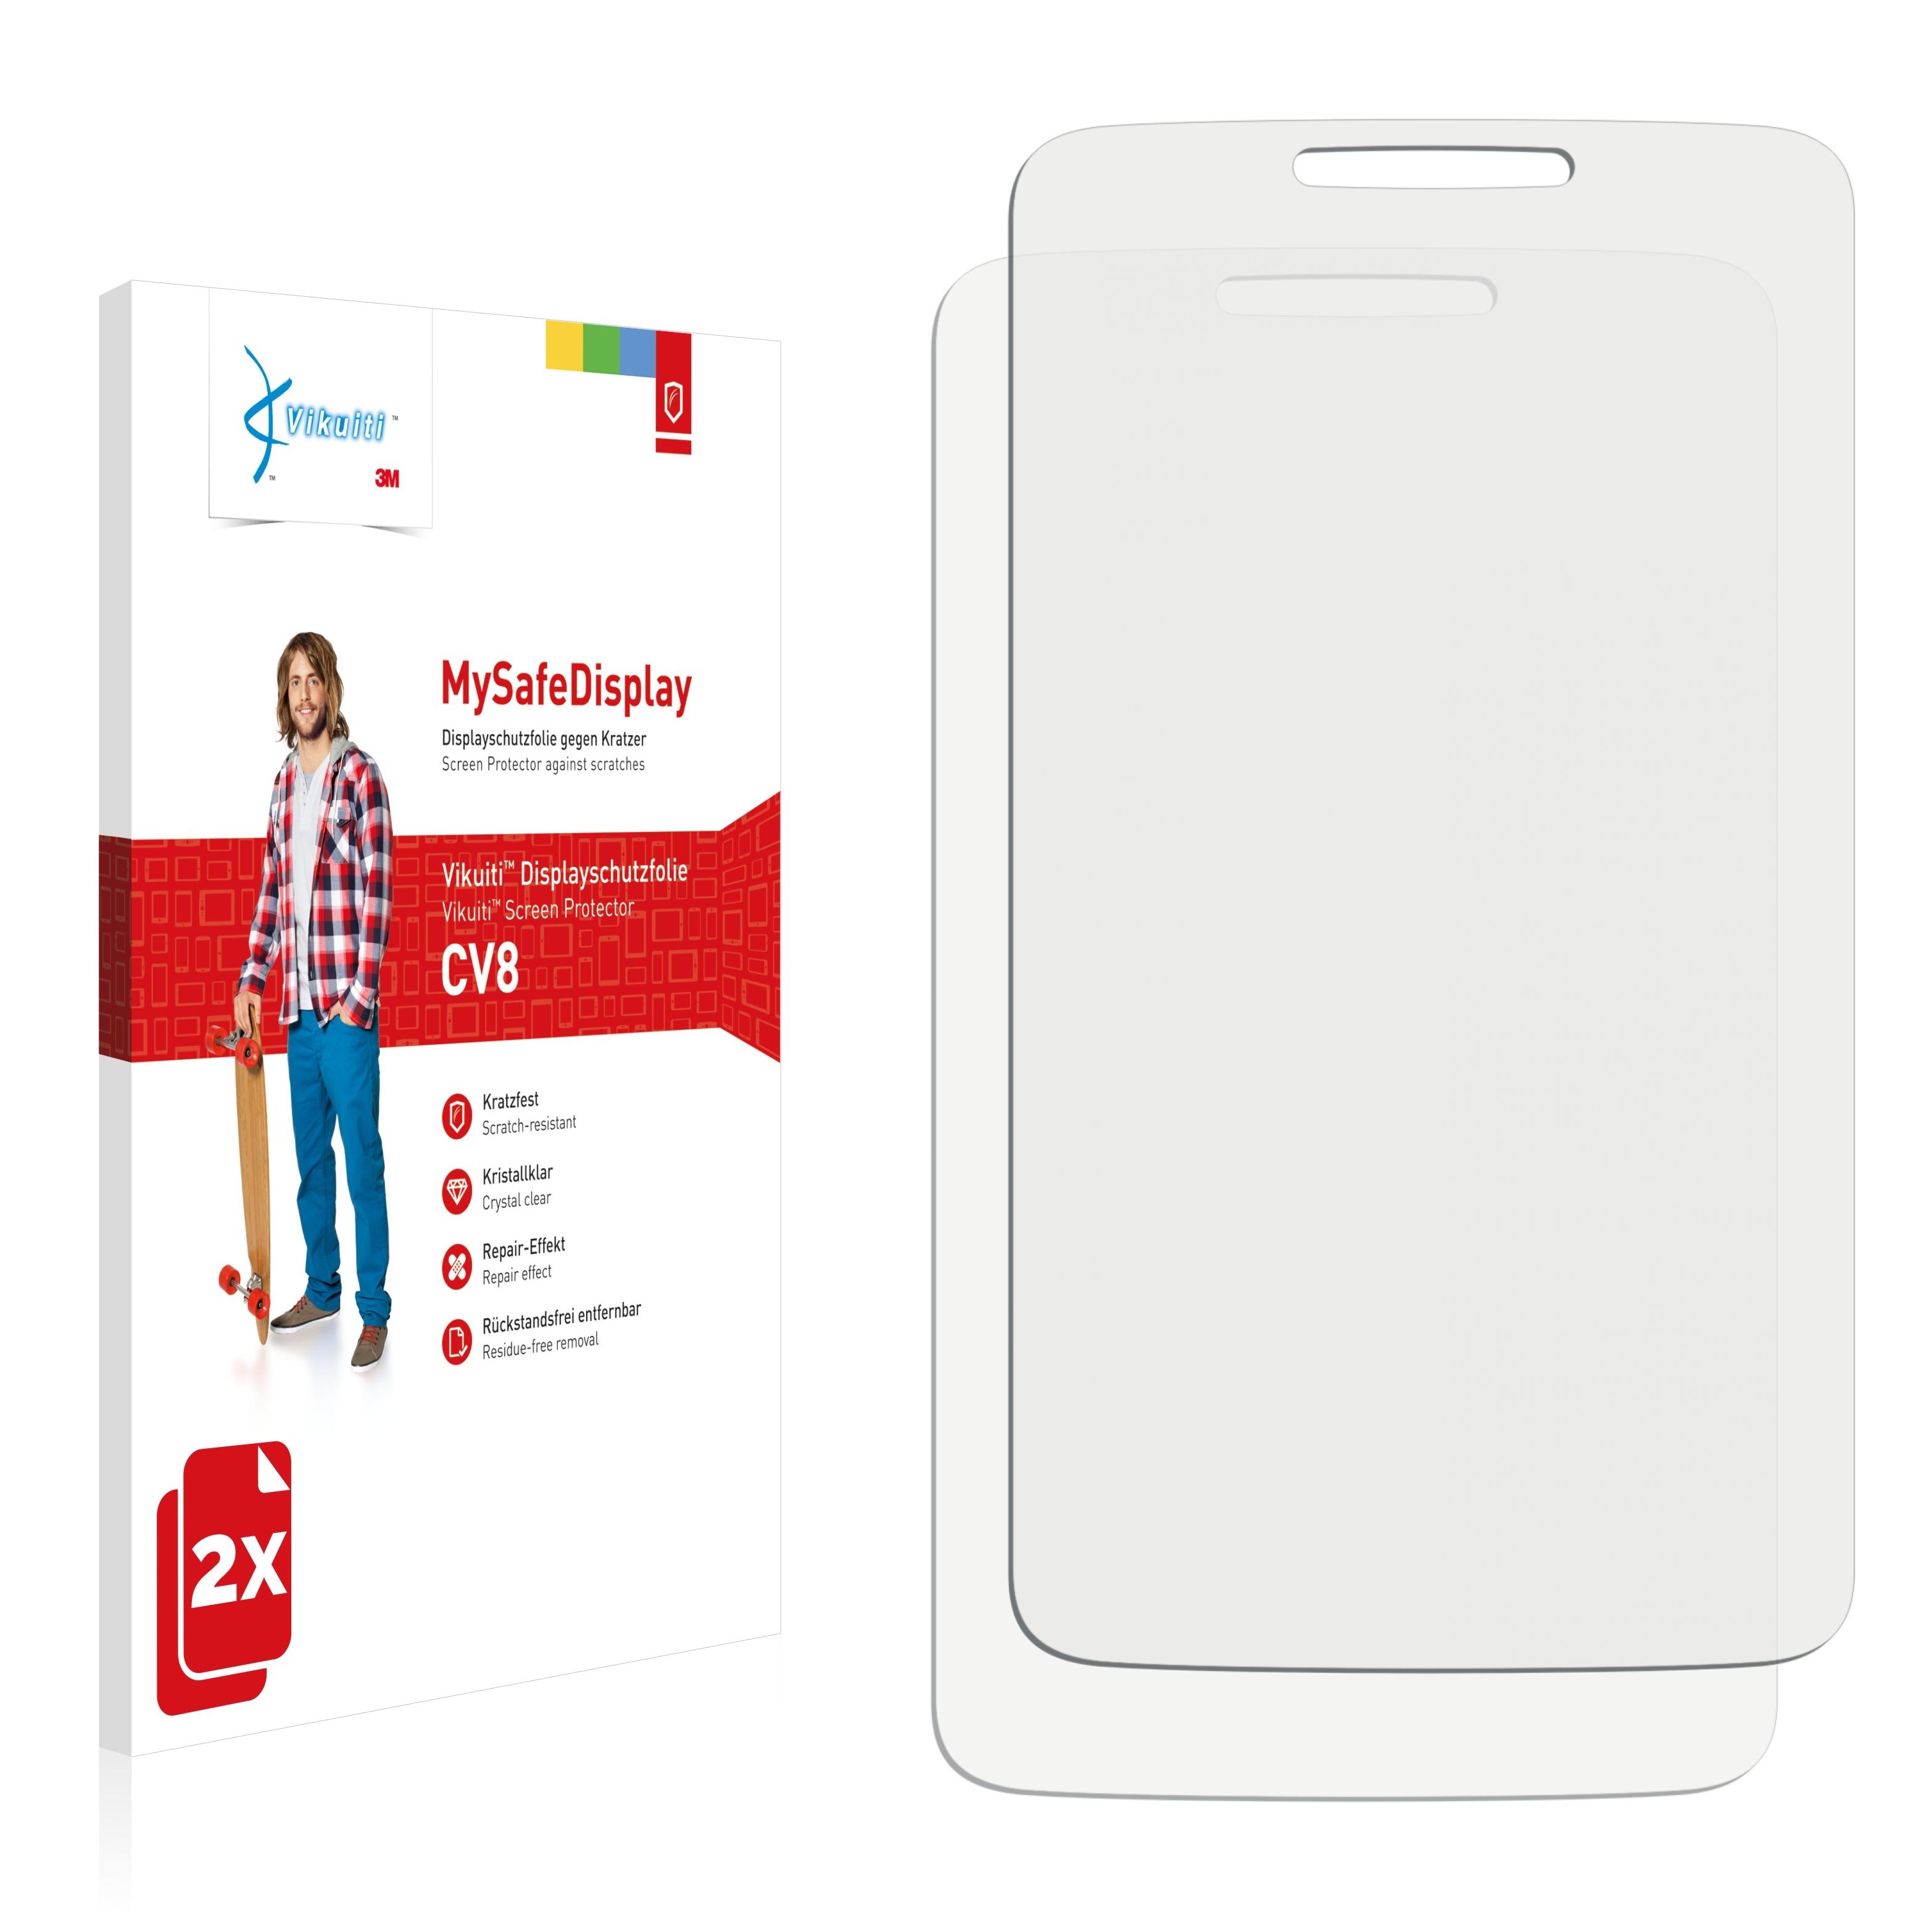 Ochranná fólie CV8 od 3M pro Alcatel One Touch Tribe 3041, 2ks